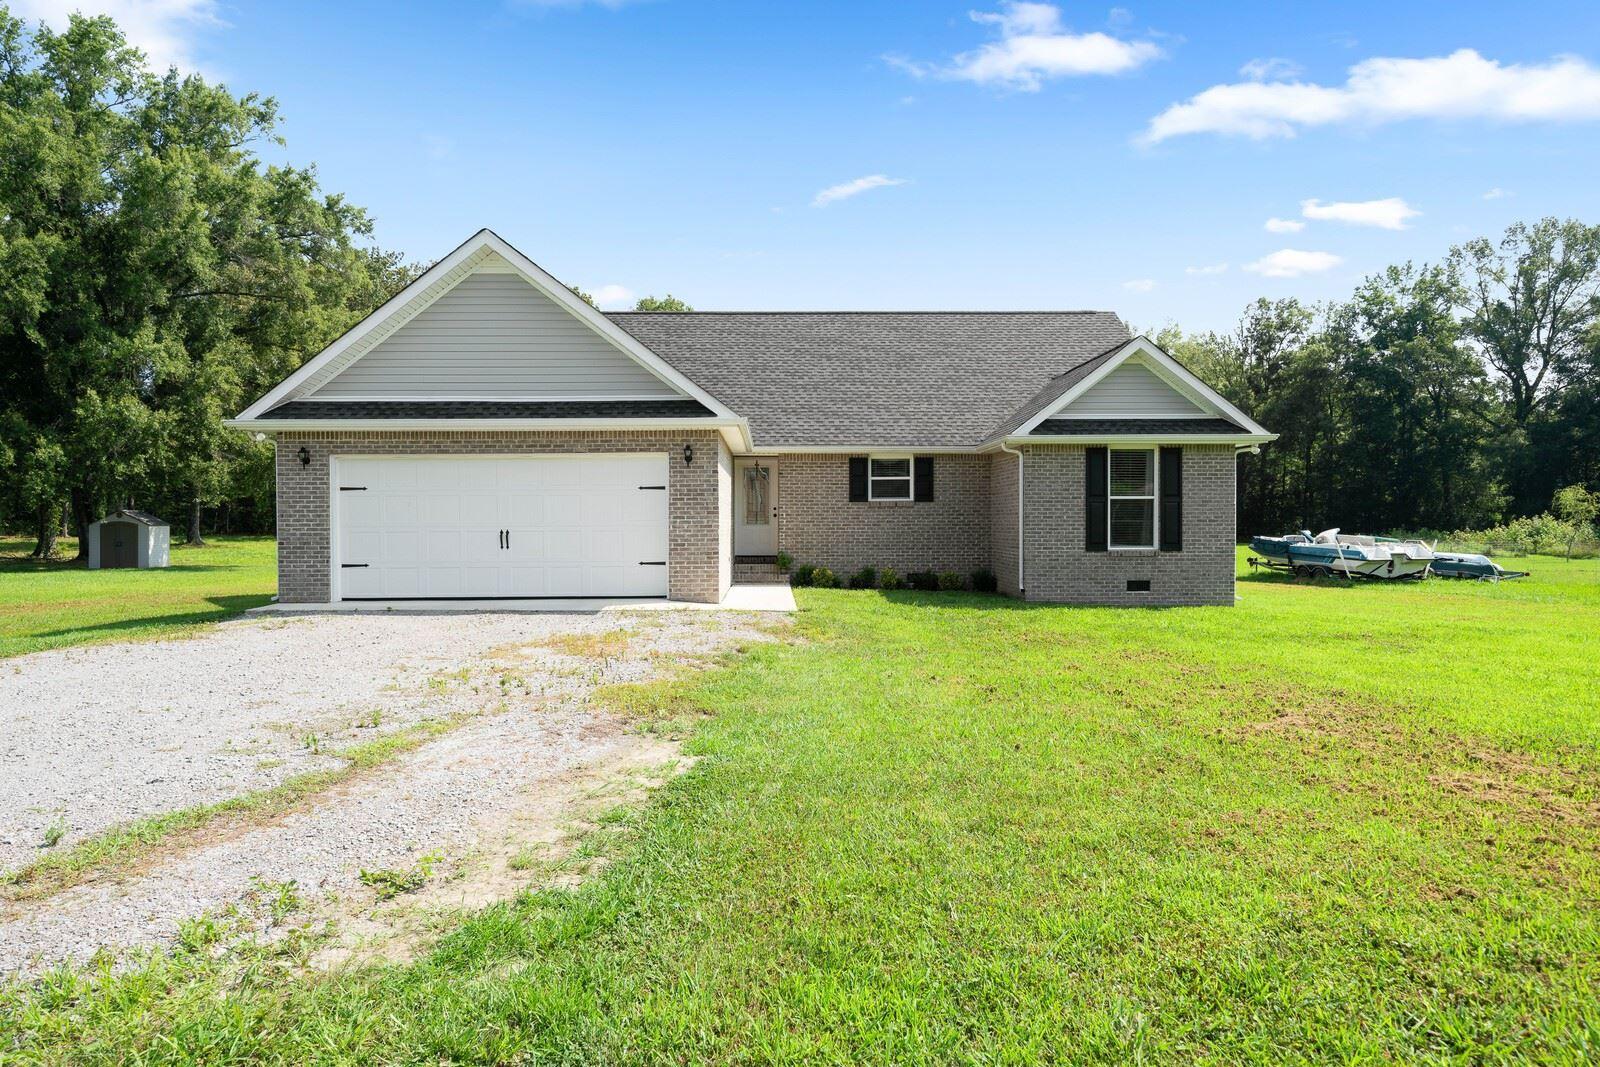 504 Green Meadow Dr, Smithville, TN 37166 - MLS#: 2277161